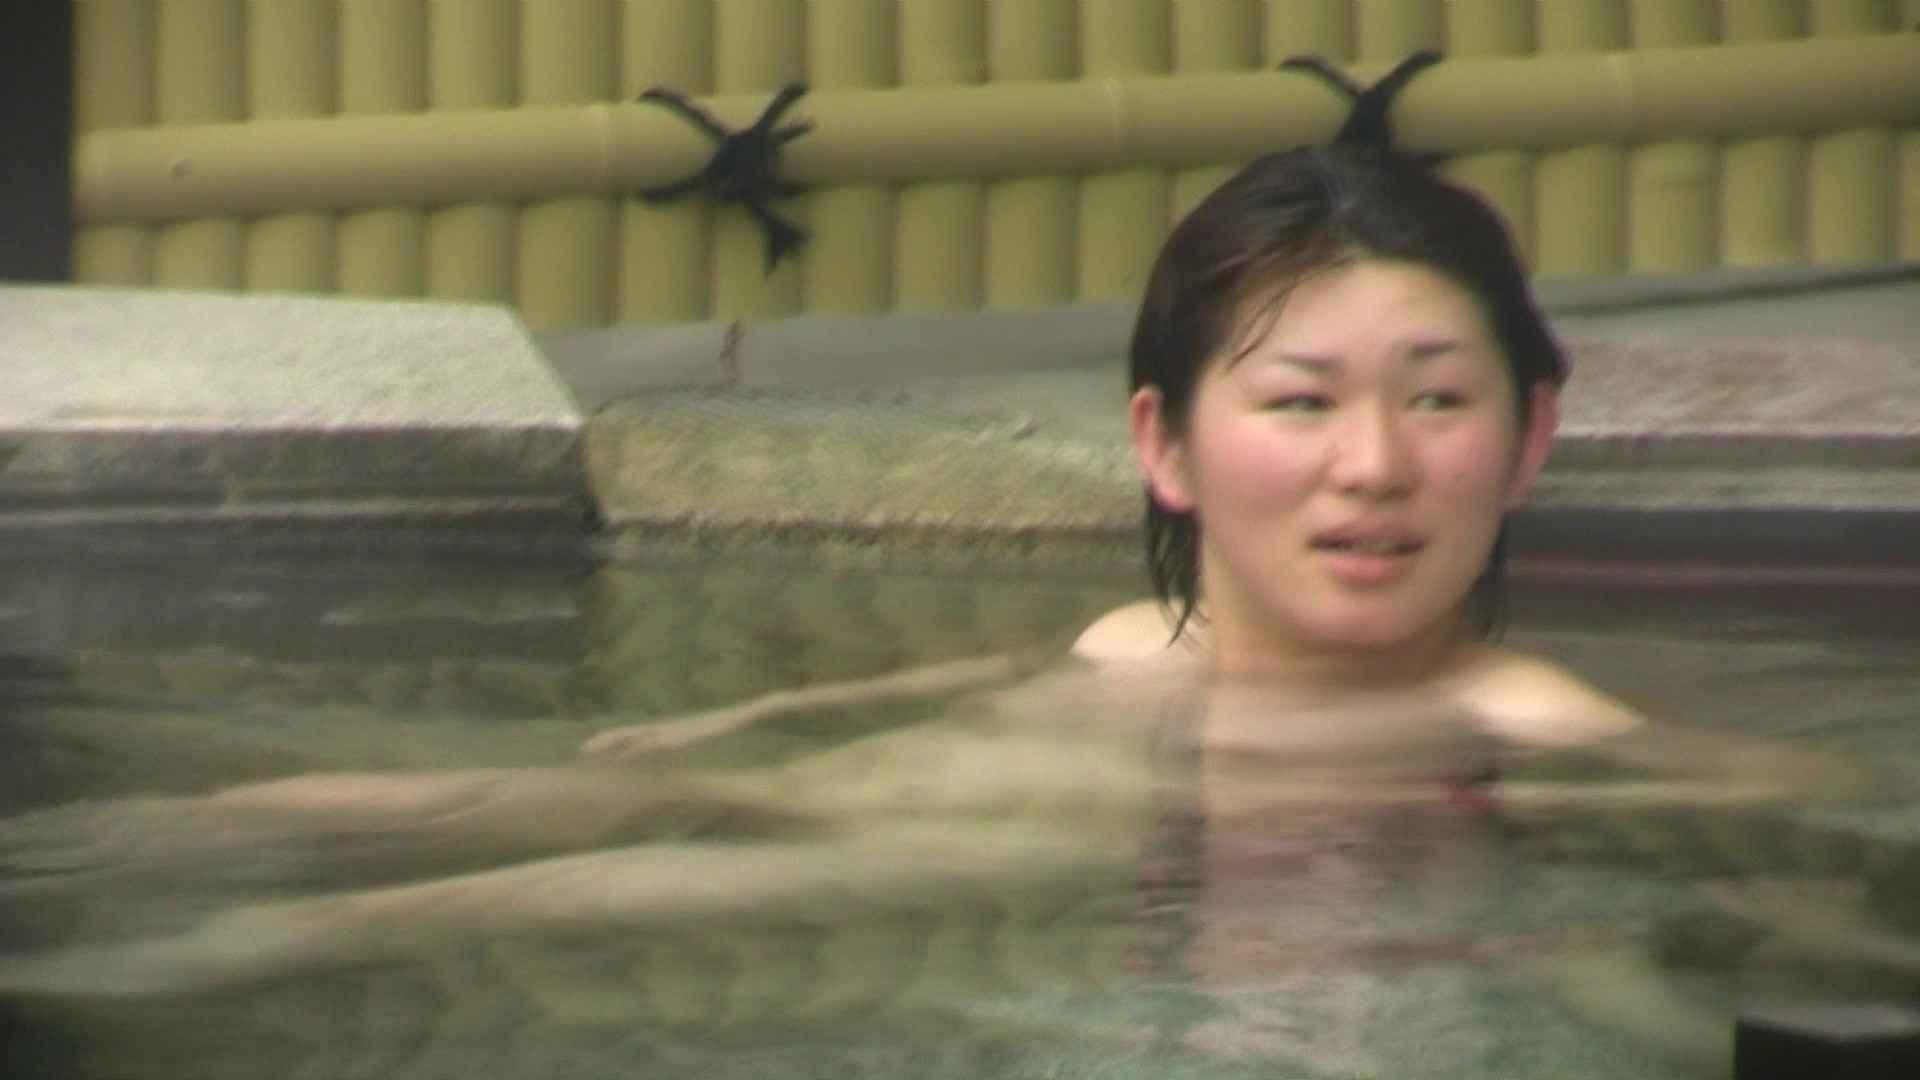 Aquaな露天風呂Vol.673 露天 盗み撮り動画キャプチャ 104PICs 104